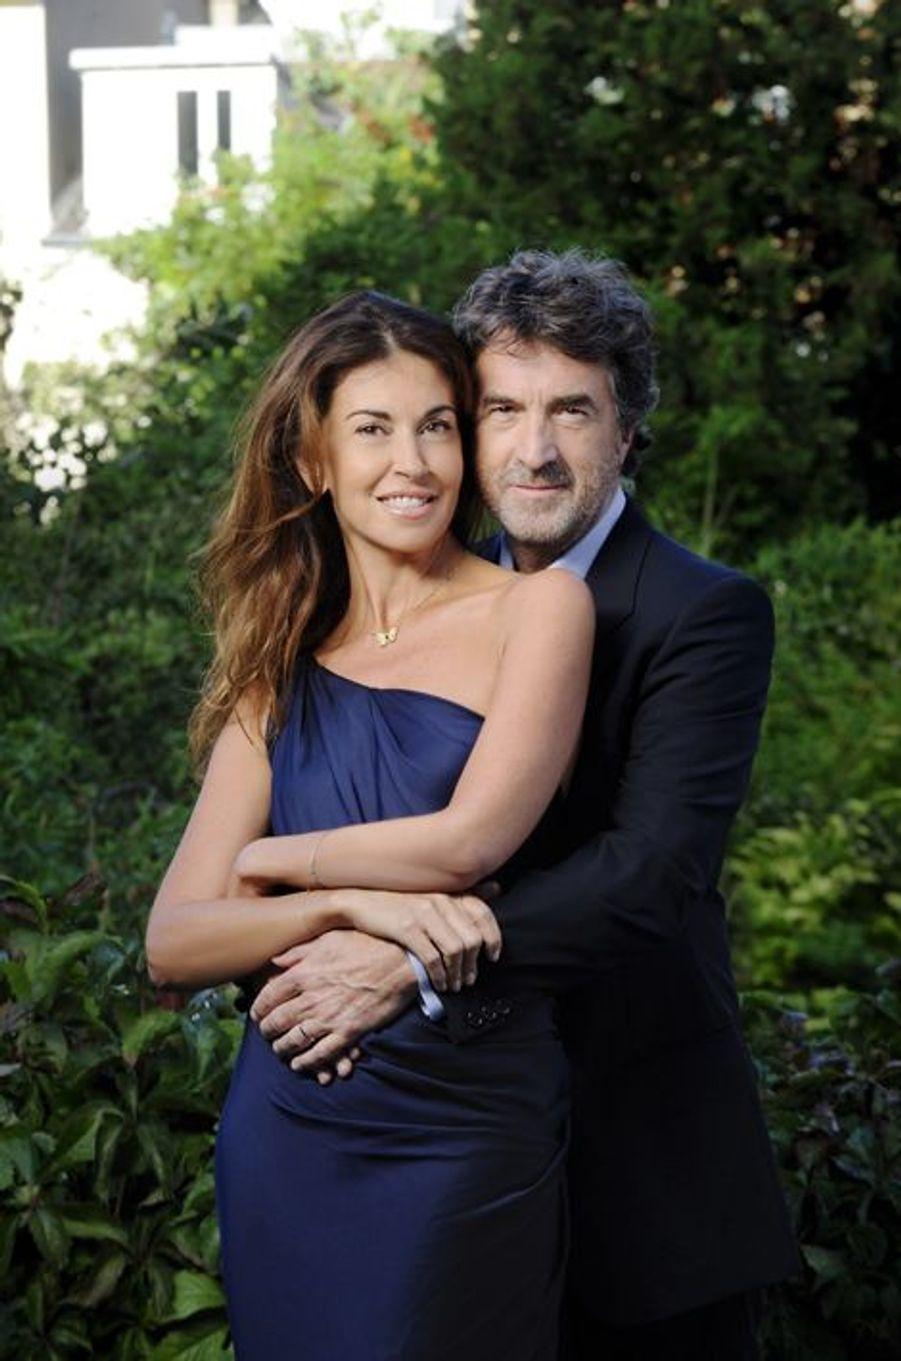 En 2011. François Cluzet et son épouse, Narjiss, prennent la pose pour Paris Match